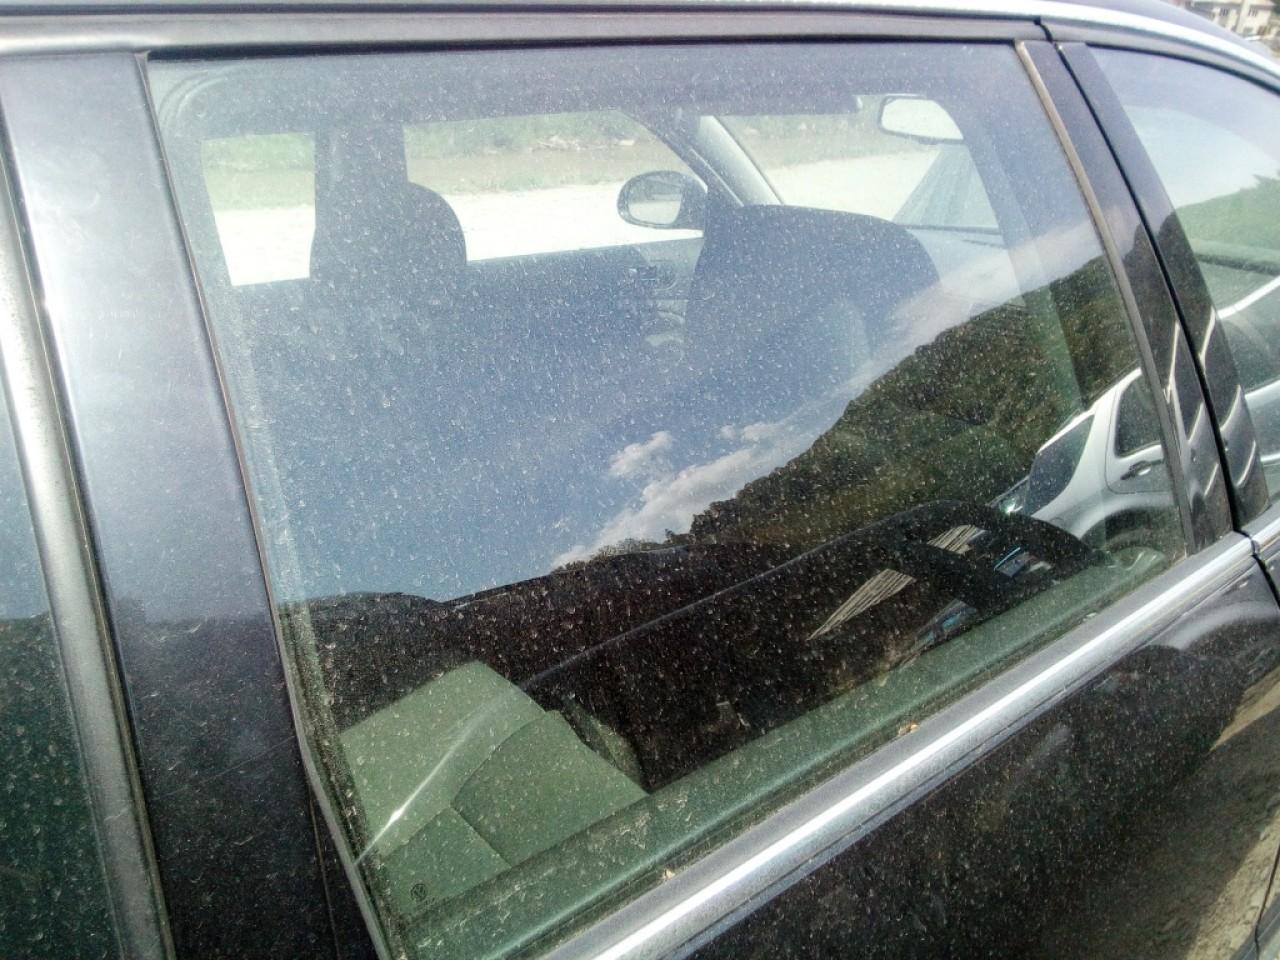 Geam usa stanga spate Volkswagen Passat B5.5 2003